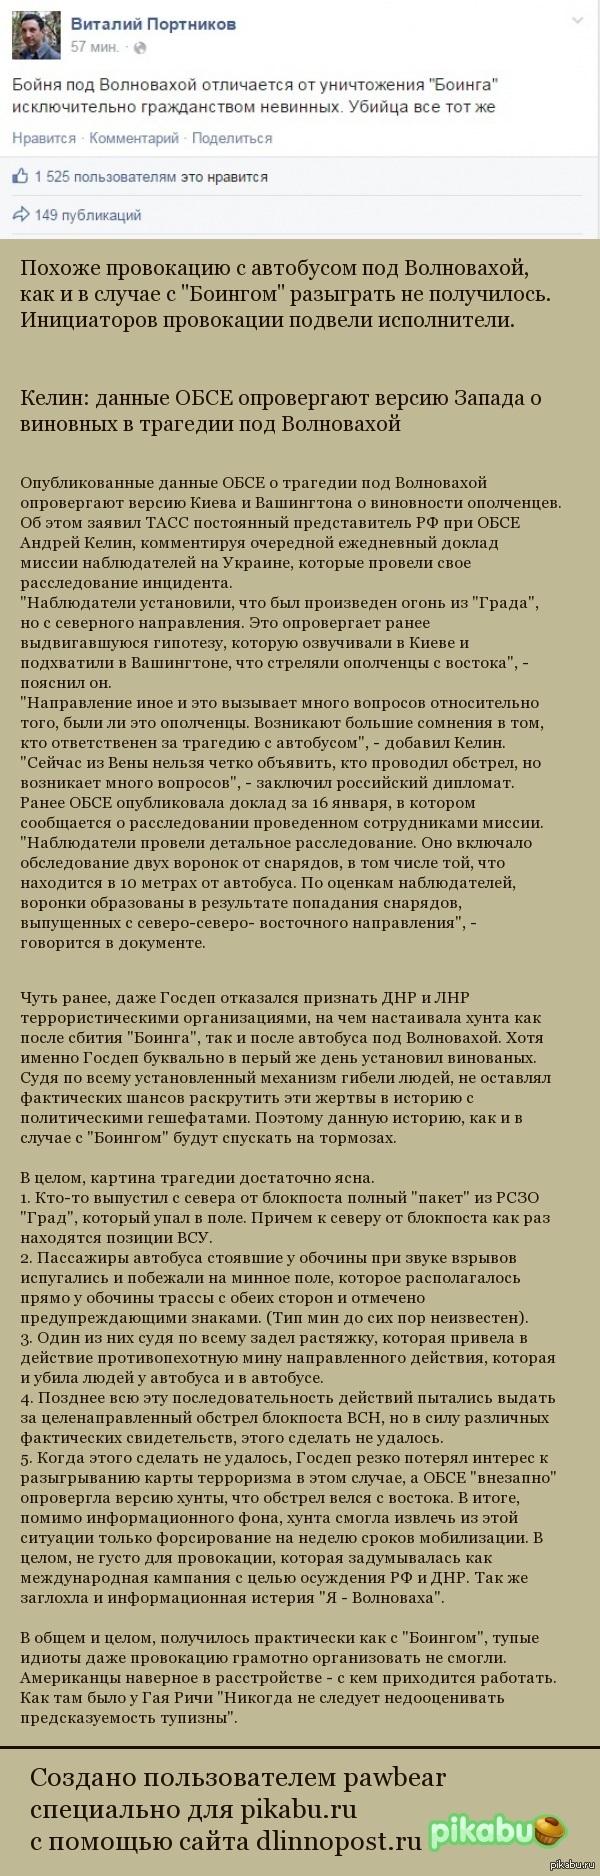 Один украинский журналист наверно верно подметил, что Волноваха и Боинг это один и тот же убийца.